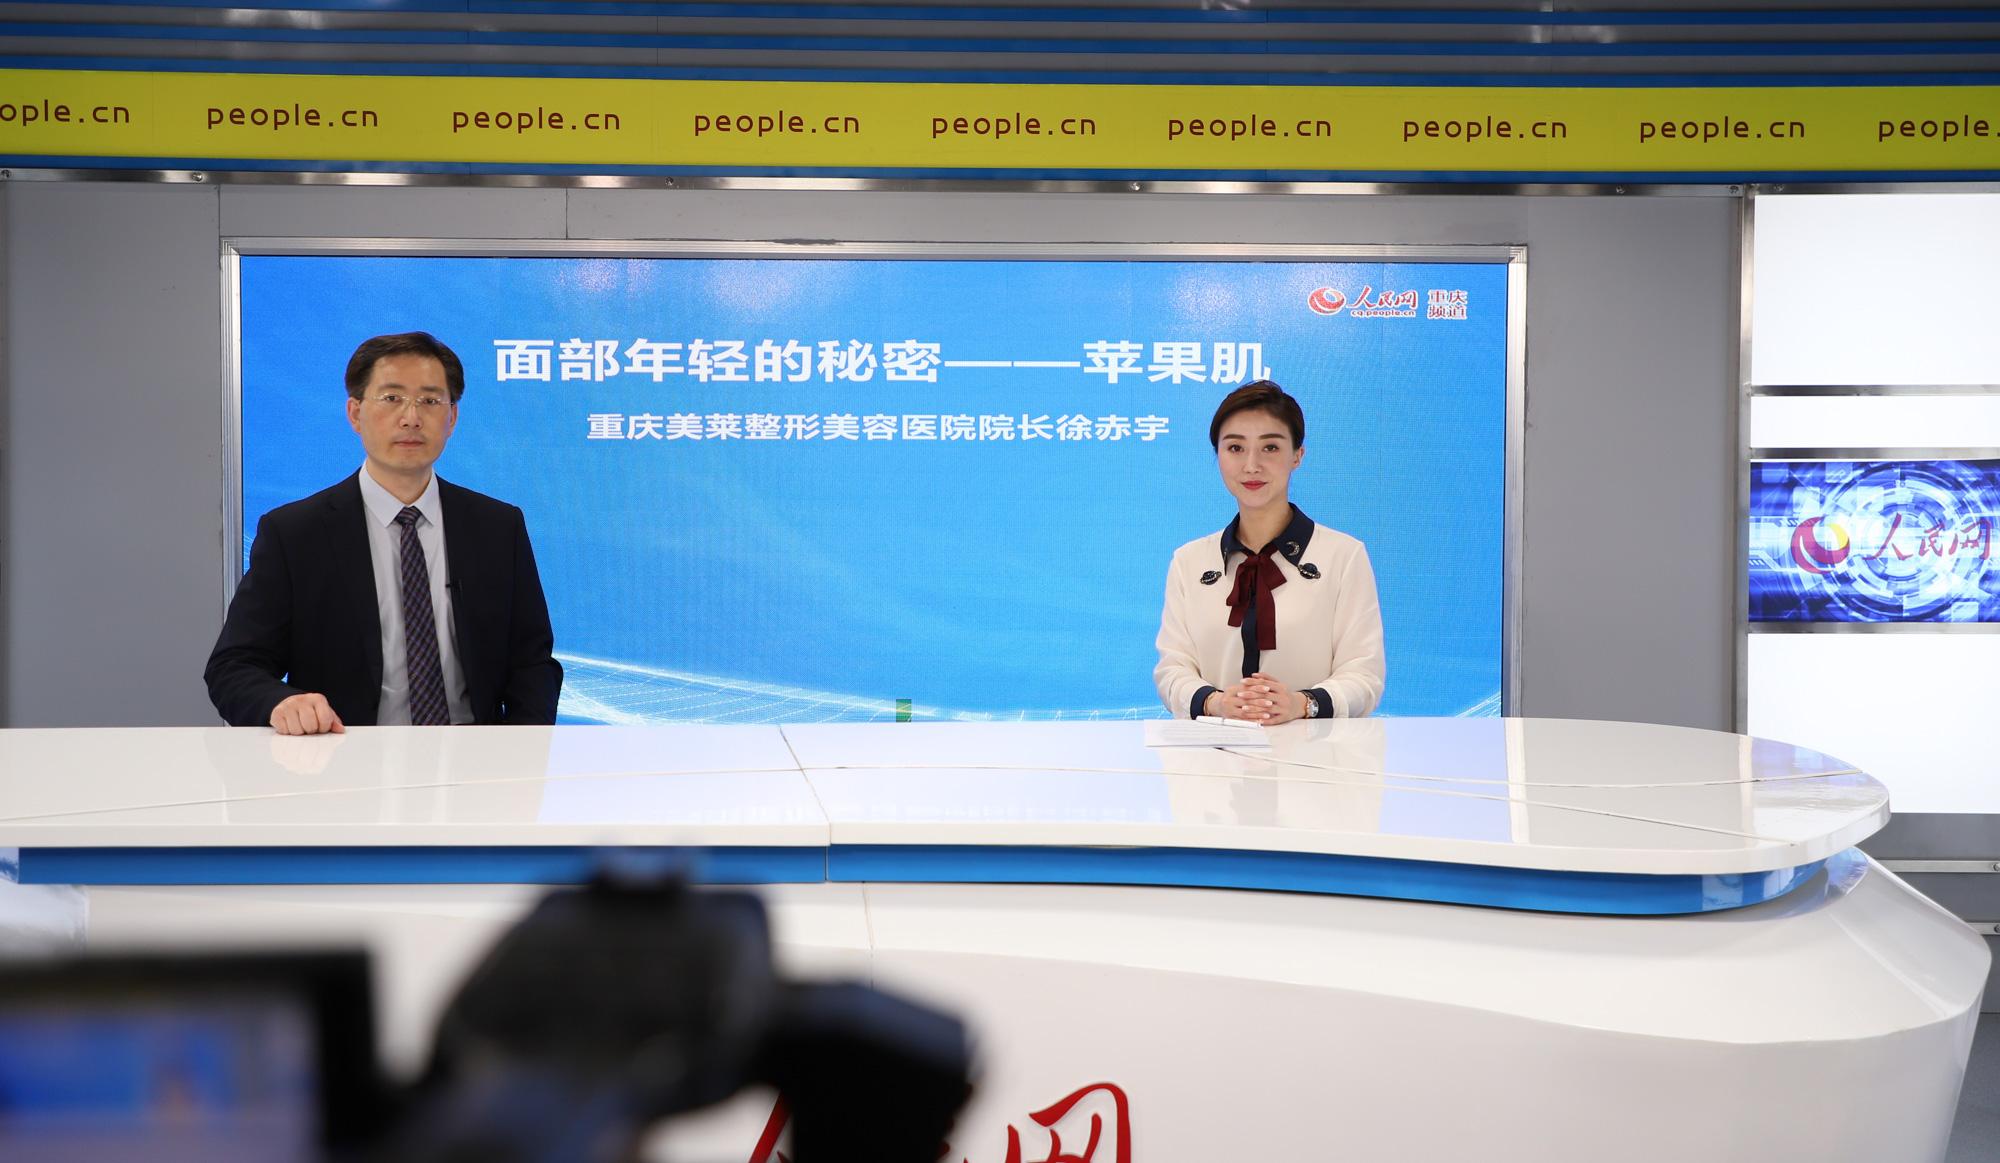 徐赤宇接受人民网专访